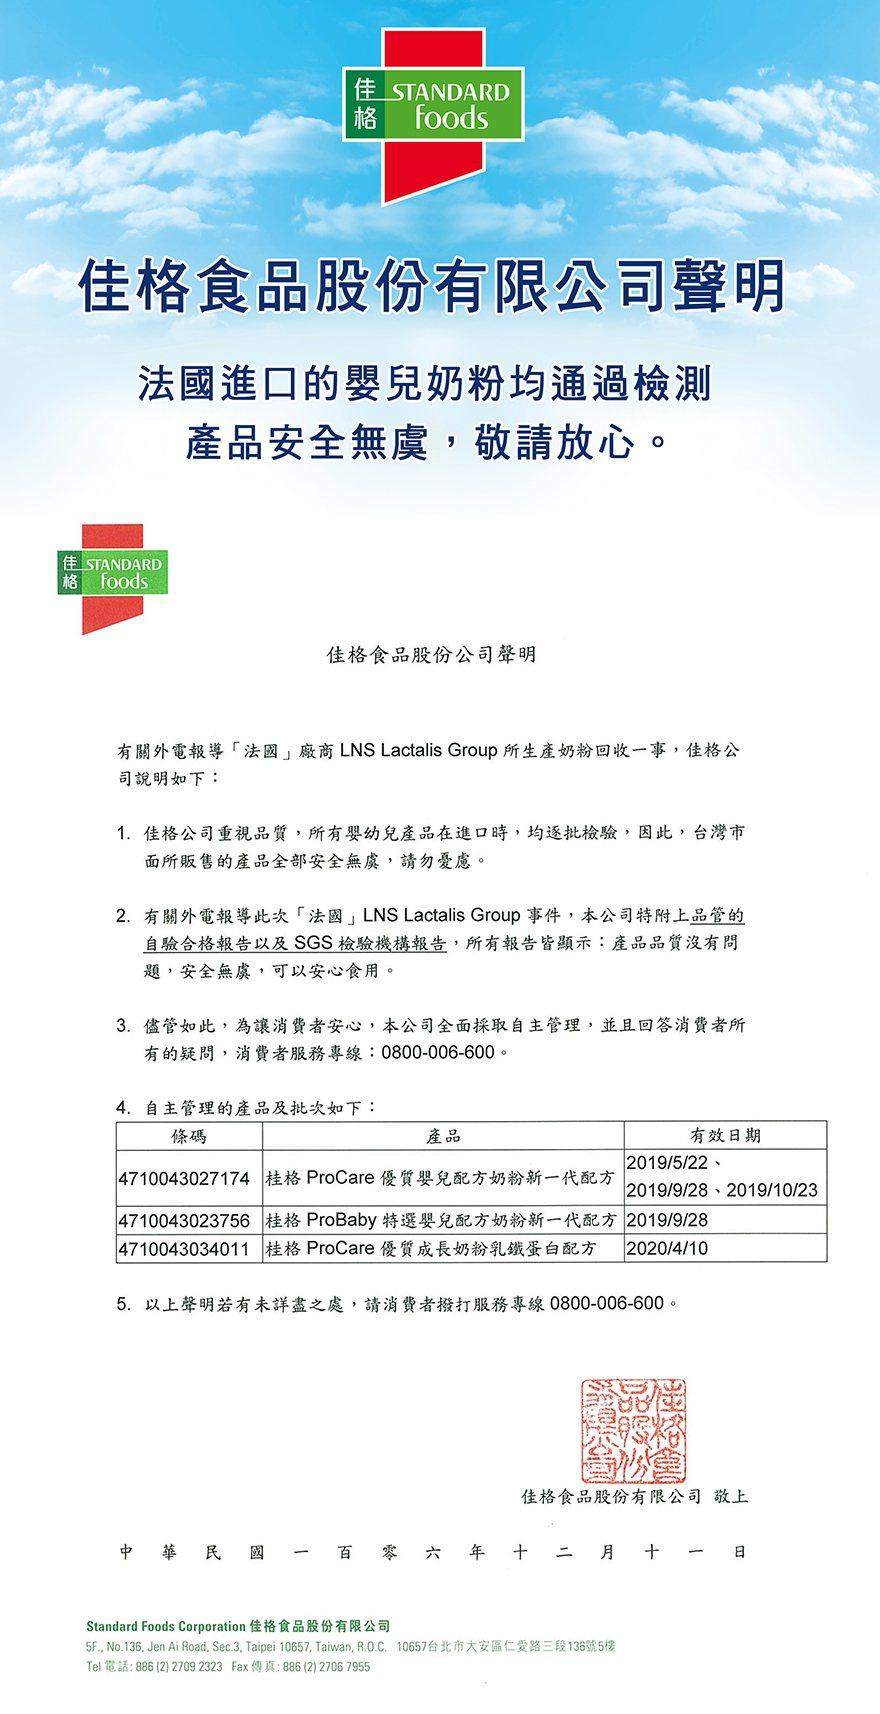 佳格食品下午於官網發布聲明稿。 記者鄧桂芬/翻攝